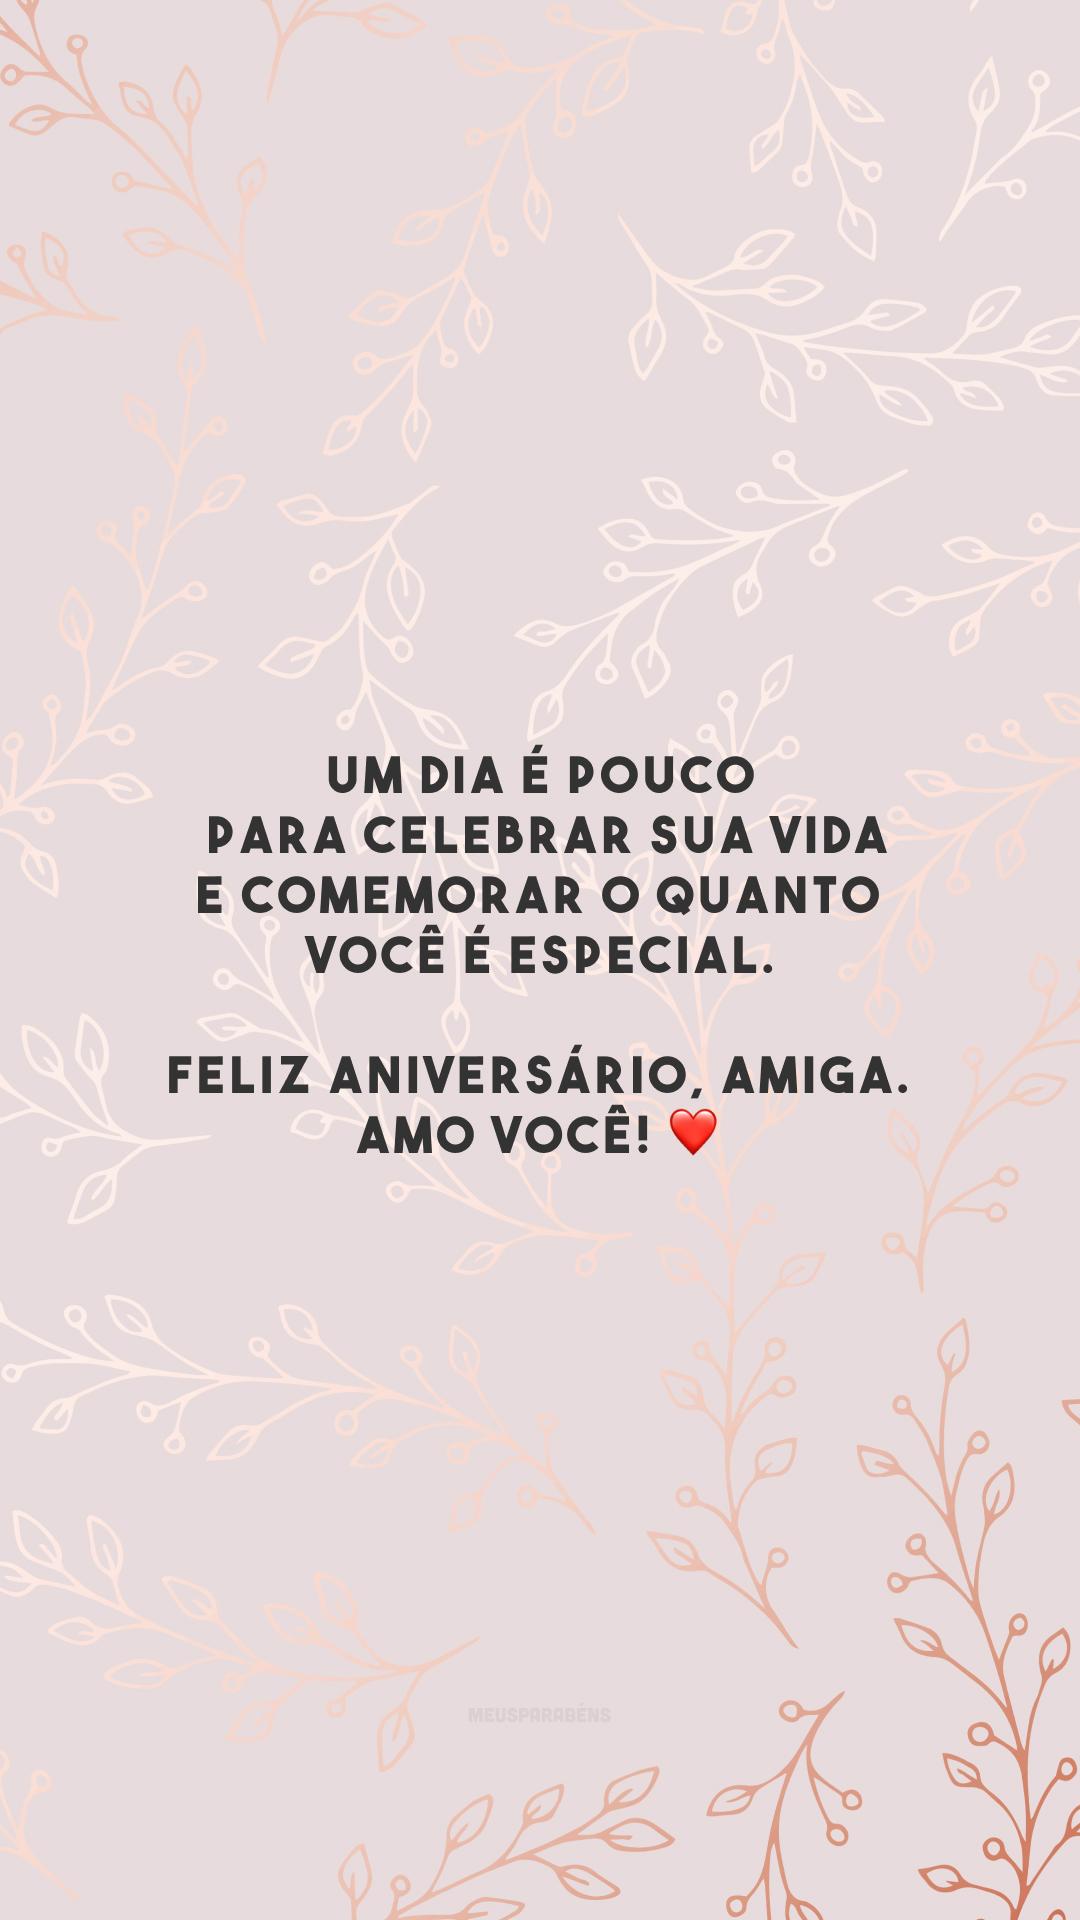 Um dia é pouco para celebrar sua vida e comemorar o quanto você é especial. Feliz aniversário, amiga. Amo você! ❤️